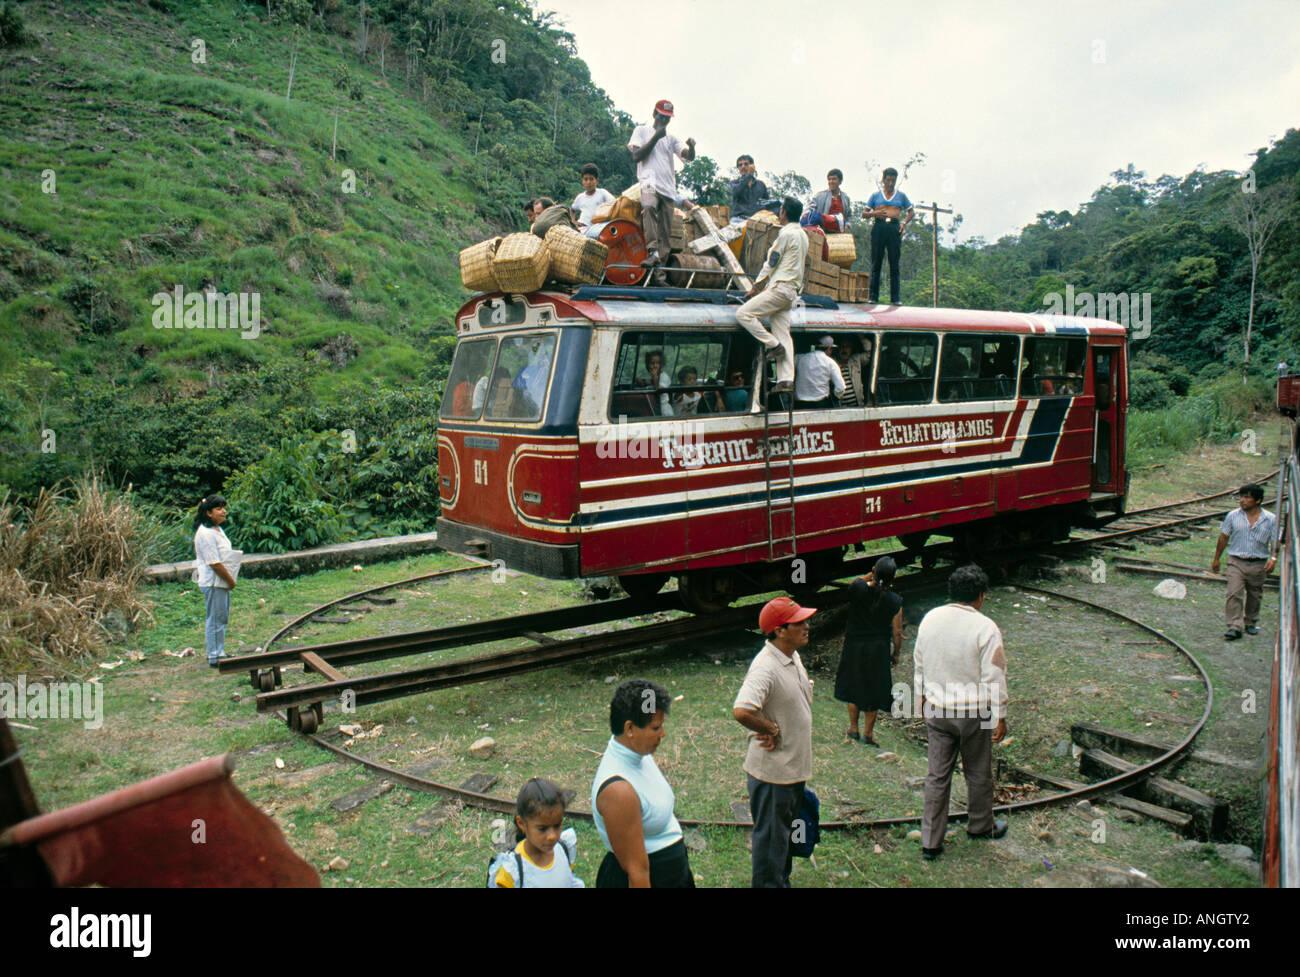 Train to San Lorenzo, Ibarra, Ecuador - Stock Image